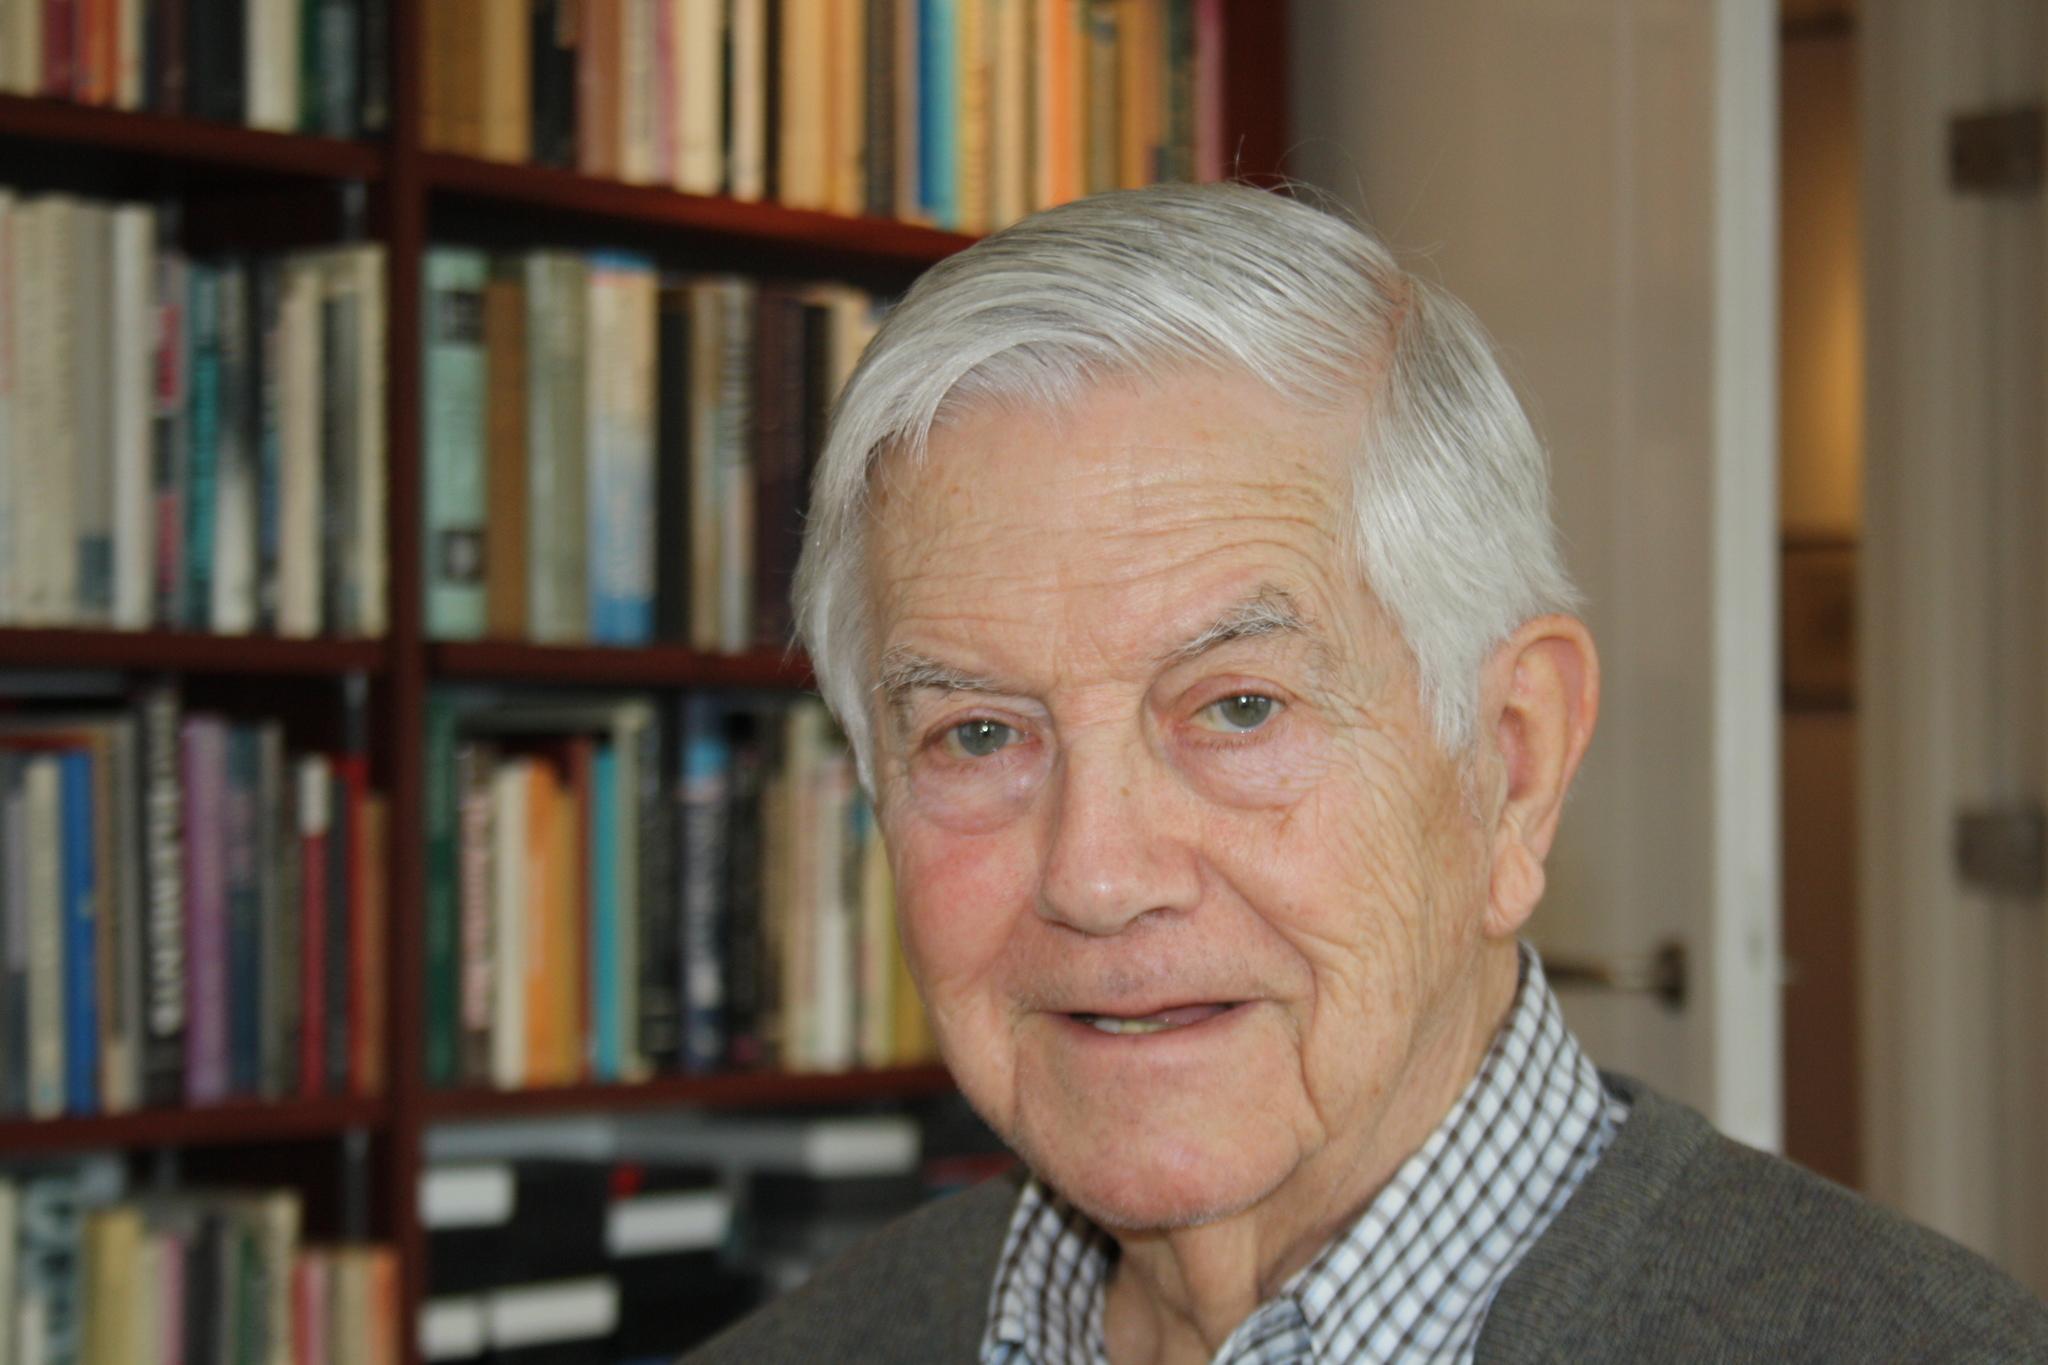 El ex secretario general de los liberales, ex ministro de Defensa y europarlamentario Frits Bolkestein.